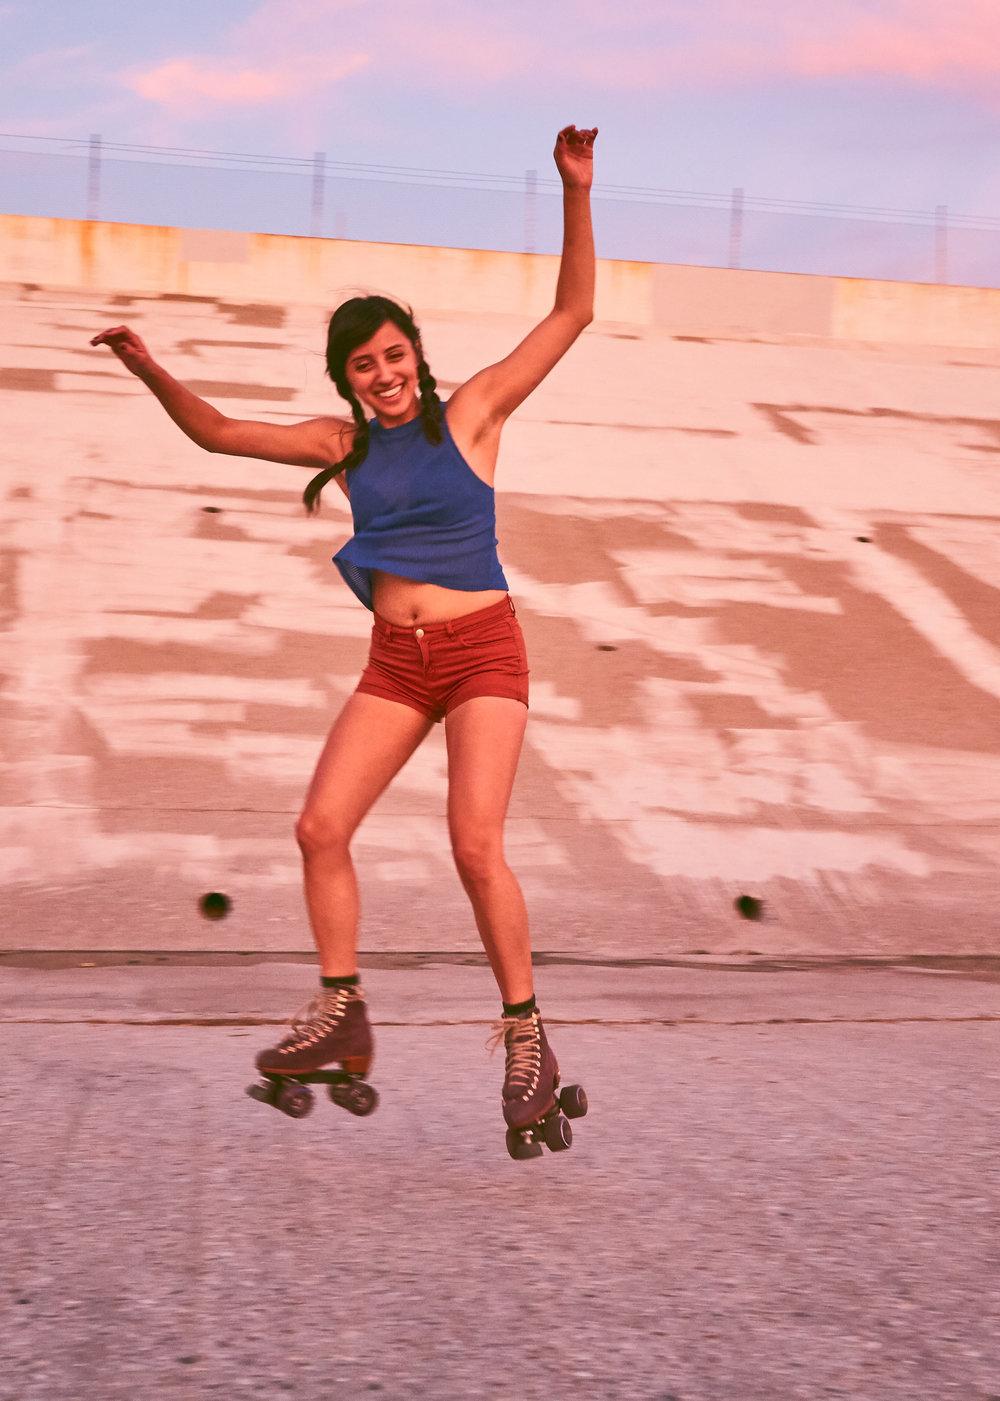 SKATER GIRL$